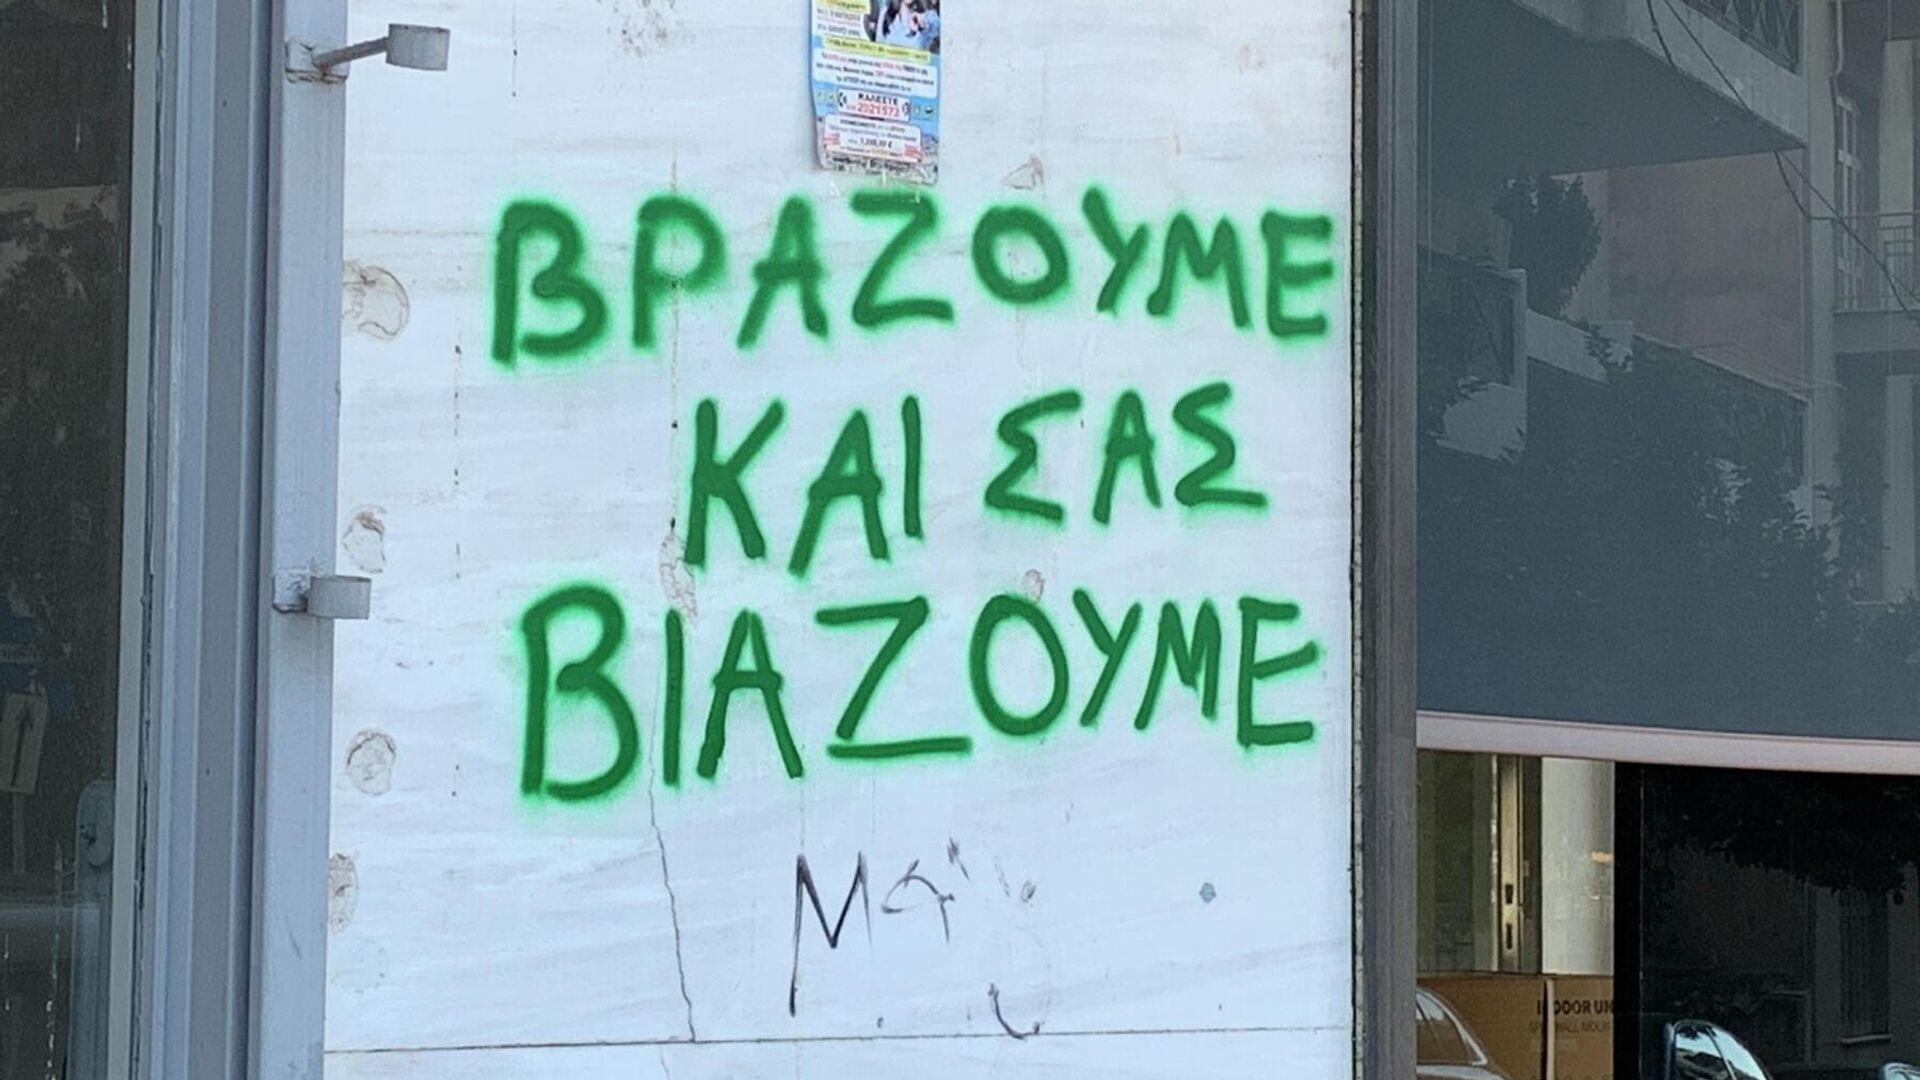 Σύνθημα στον τοίχο στου Ζωγράφου - Sputnik Ελλάδα, 1920, 01.10.2021